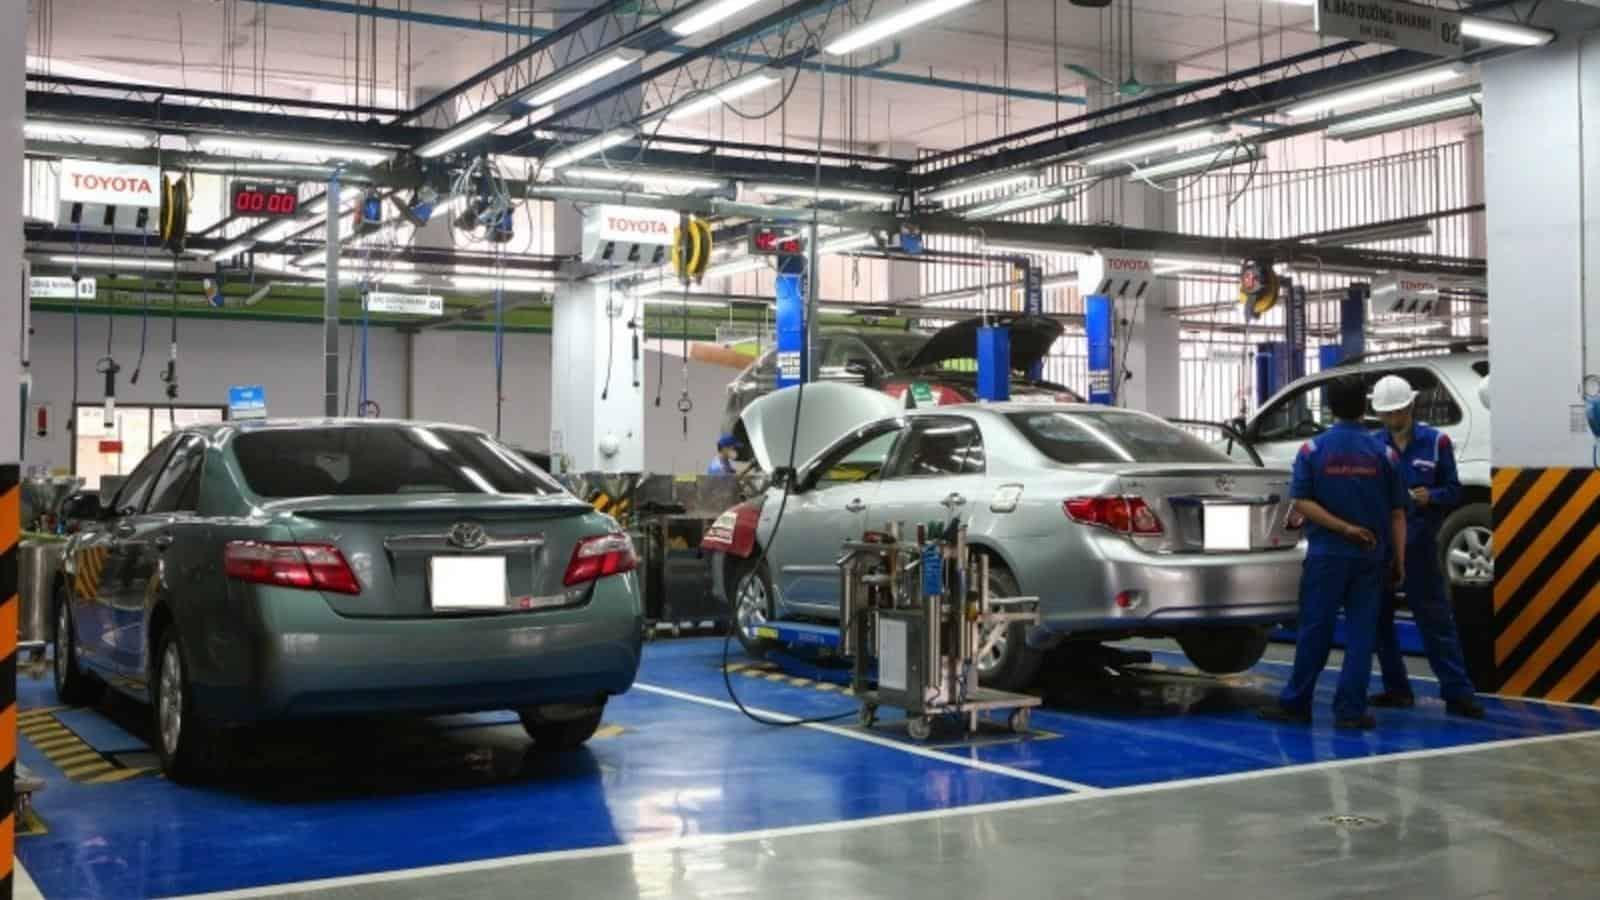 Nên sửa chữa, bảo dưỡng xe ôtô Dodge theo định kỳ để đảm bảo sự an toàn cho mọi người